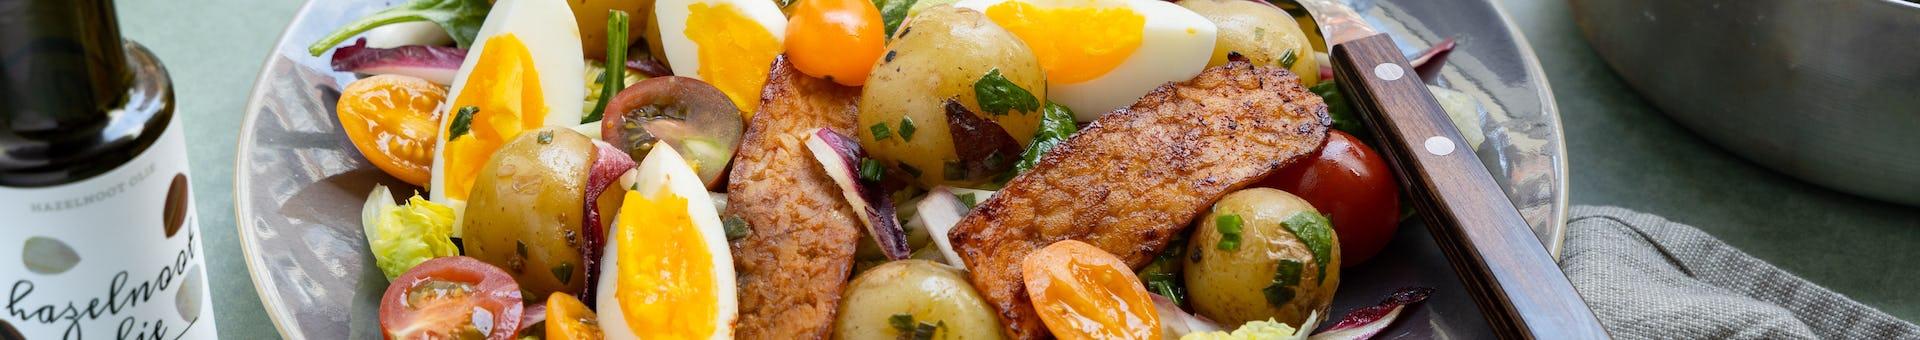 Maaltijdsalade met tempeh spek, krieltjes en ei | Recept uit onze maaltijdbox